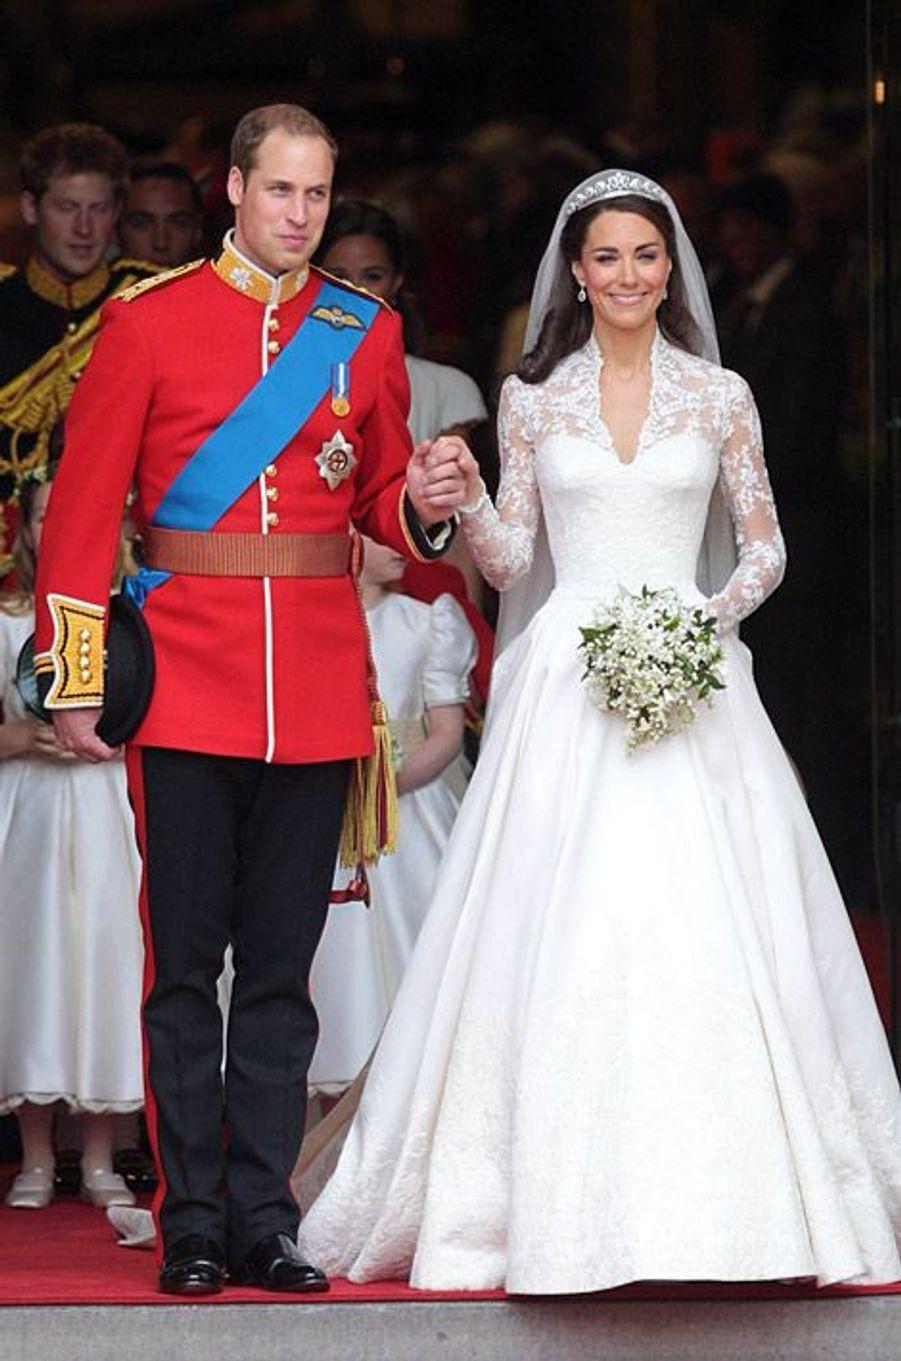 Kate Middleton et le prince Wiliam le jour de leur mariage, le 29 avril 2011